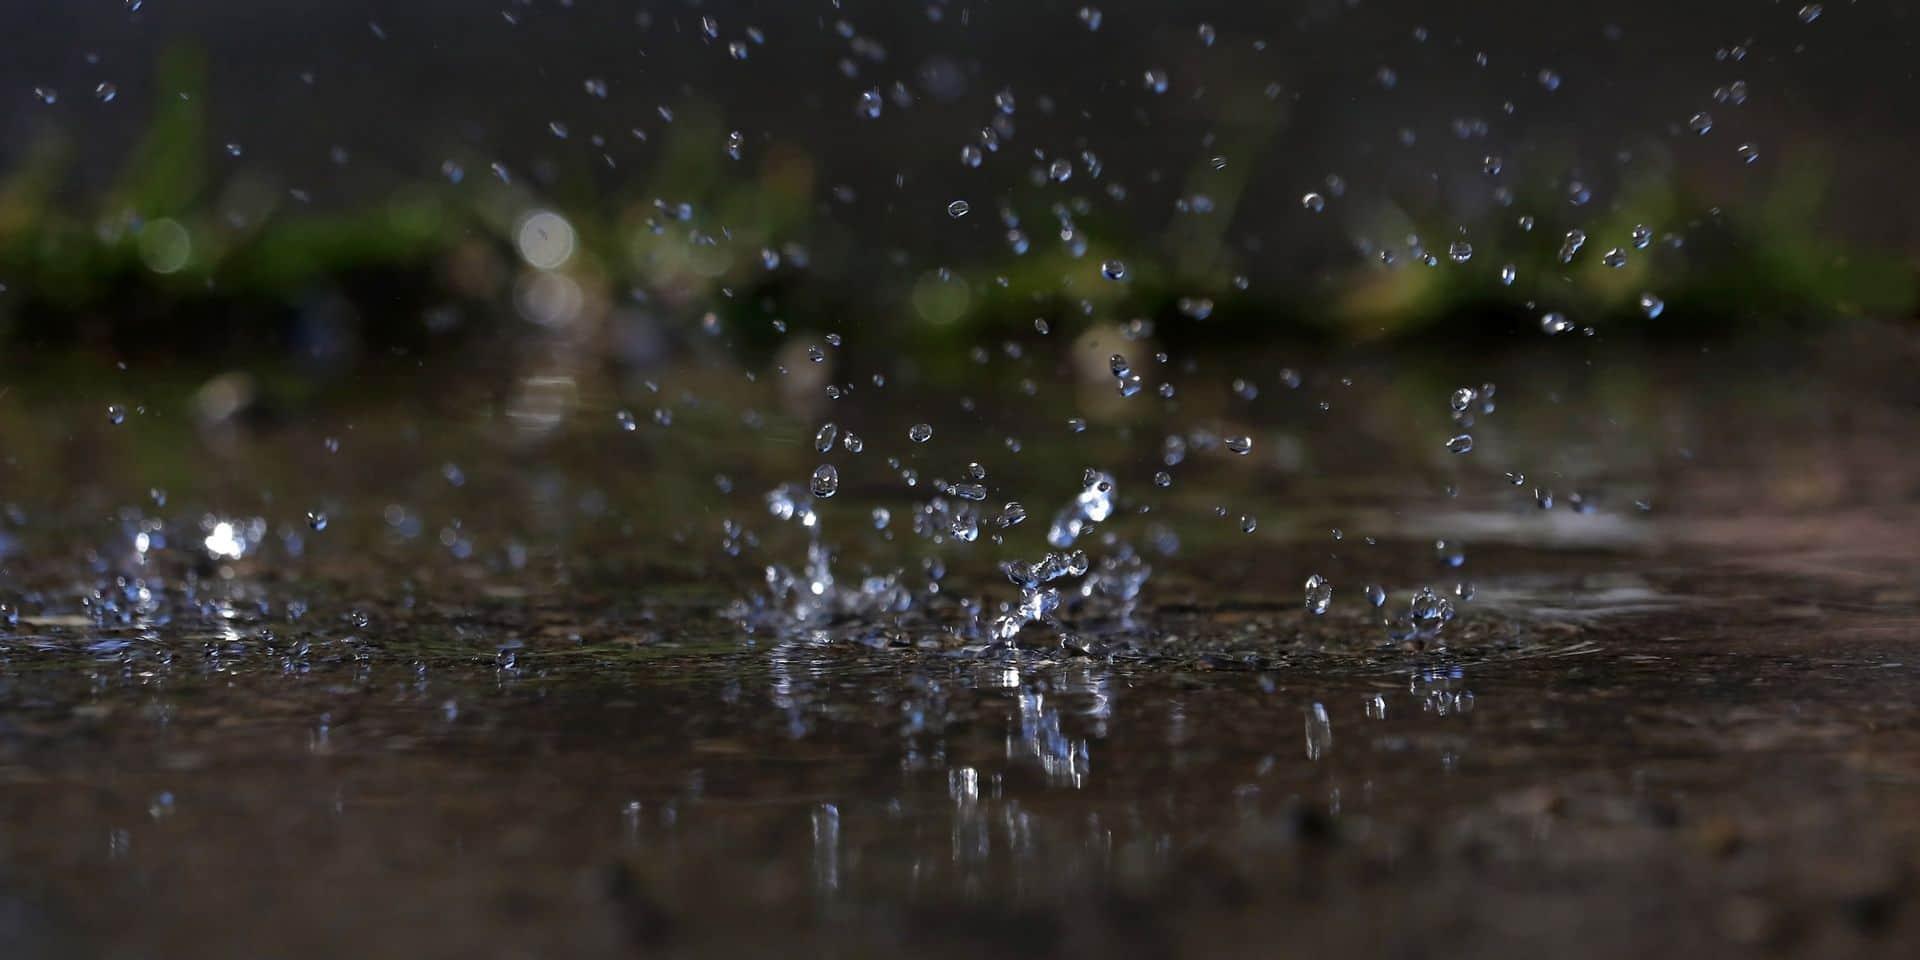 Météo: des pluies intenses attendues en provinces de Liège, Namur et Luxembourg